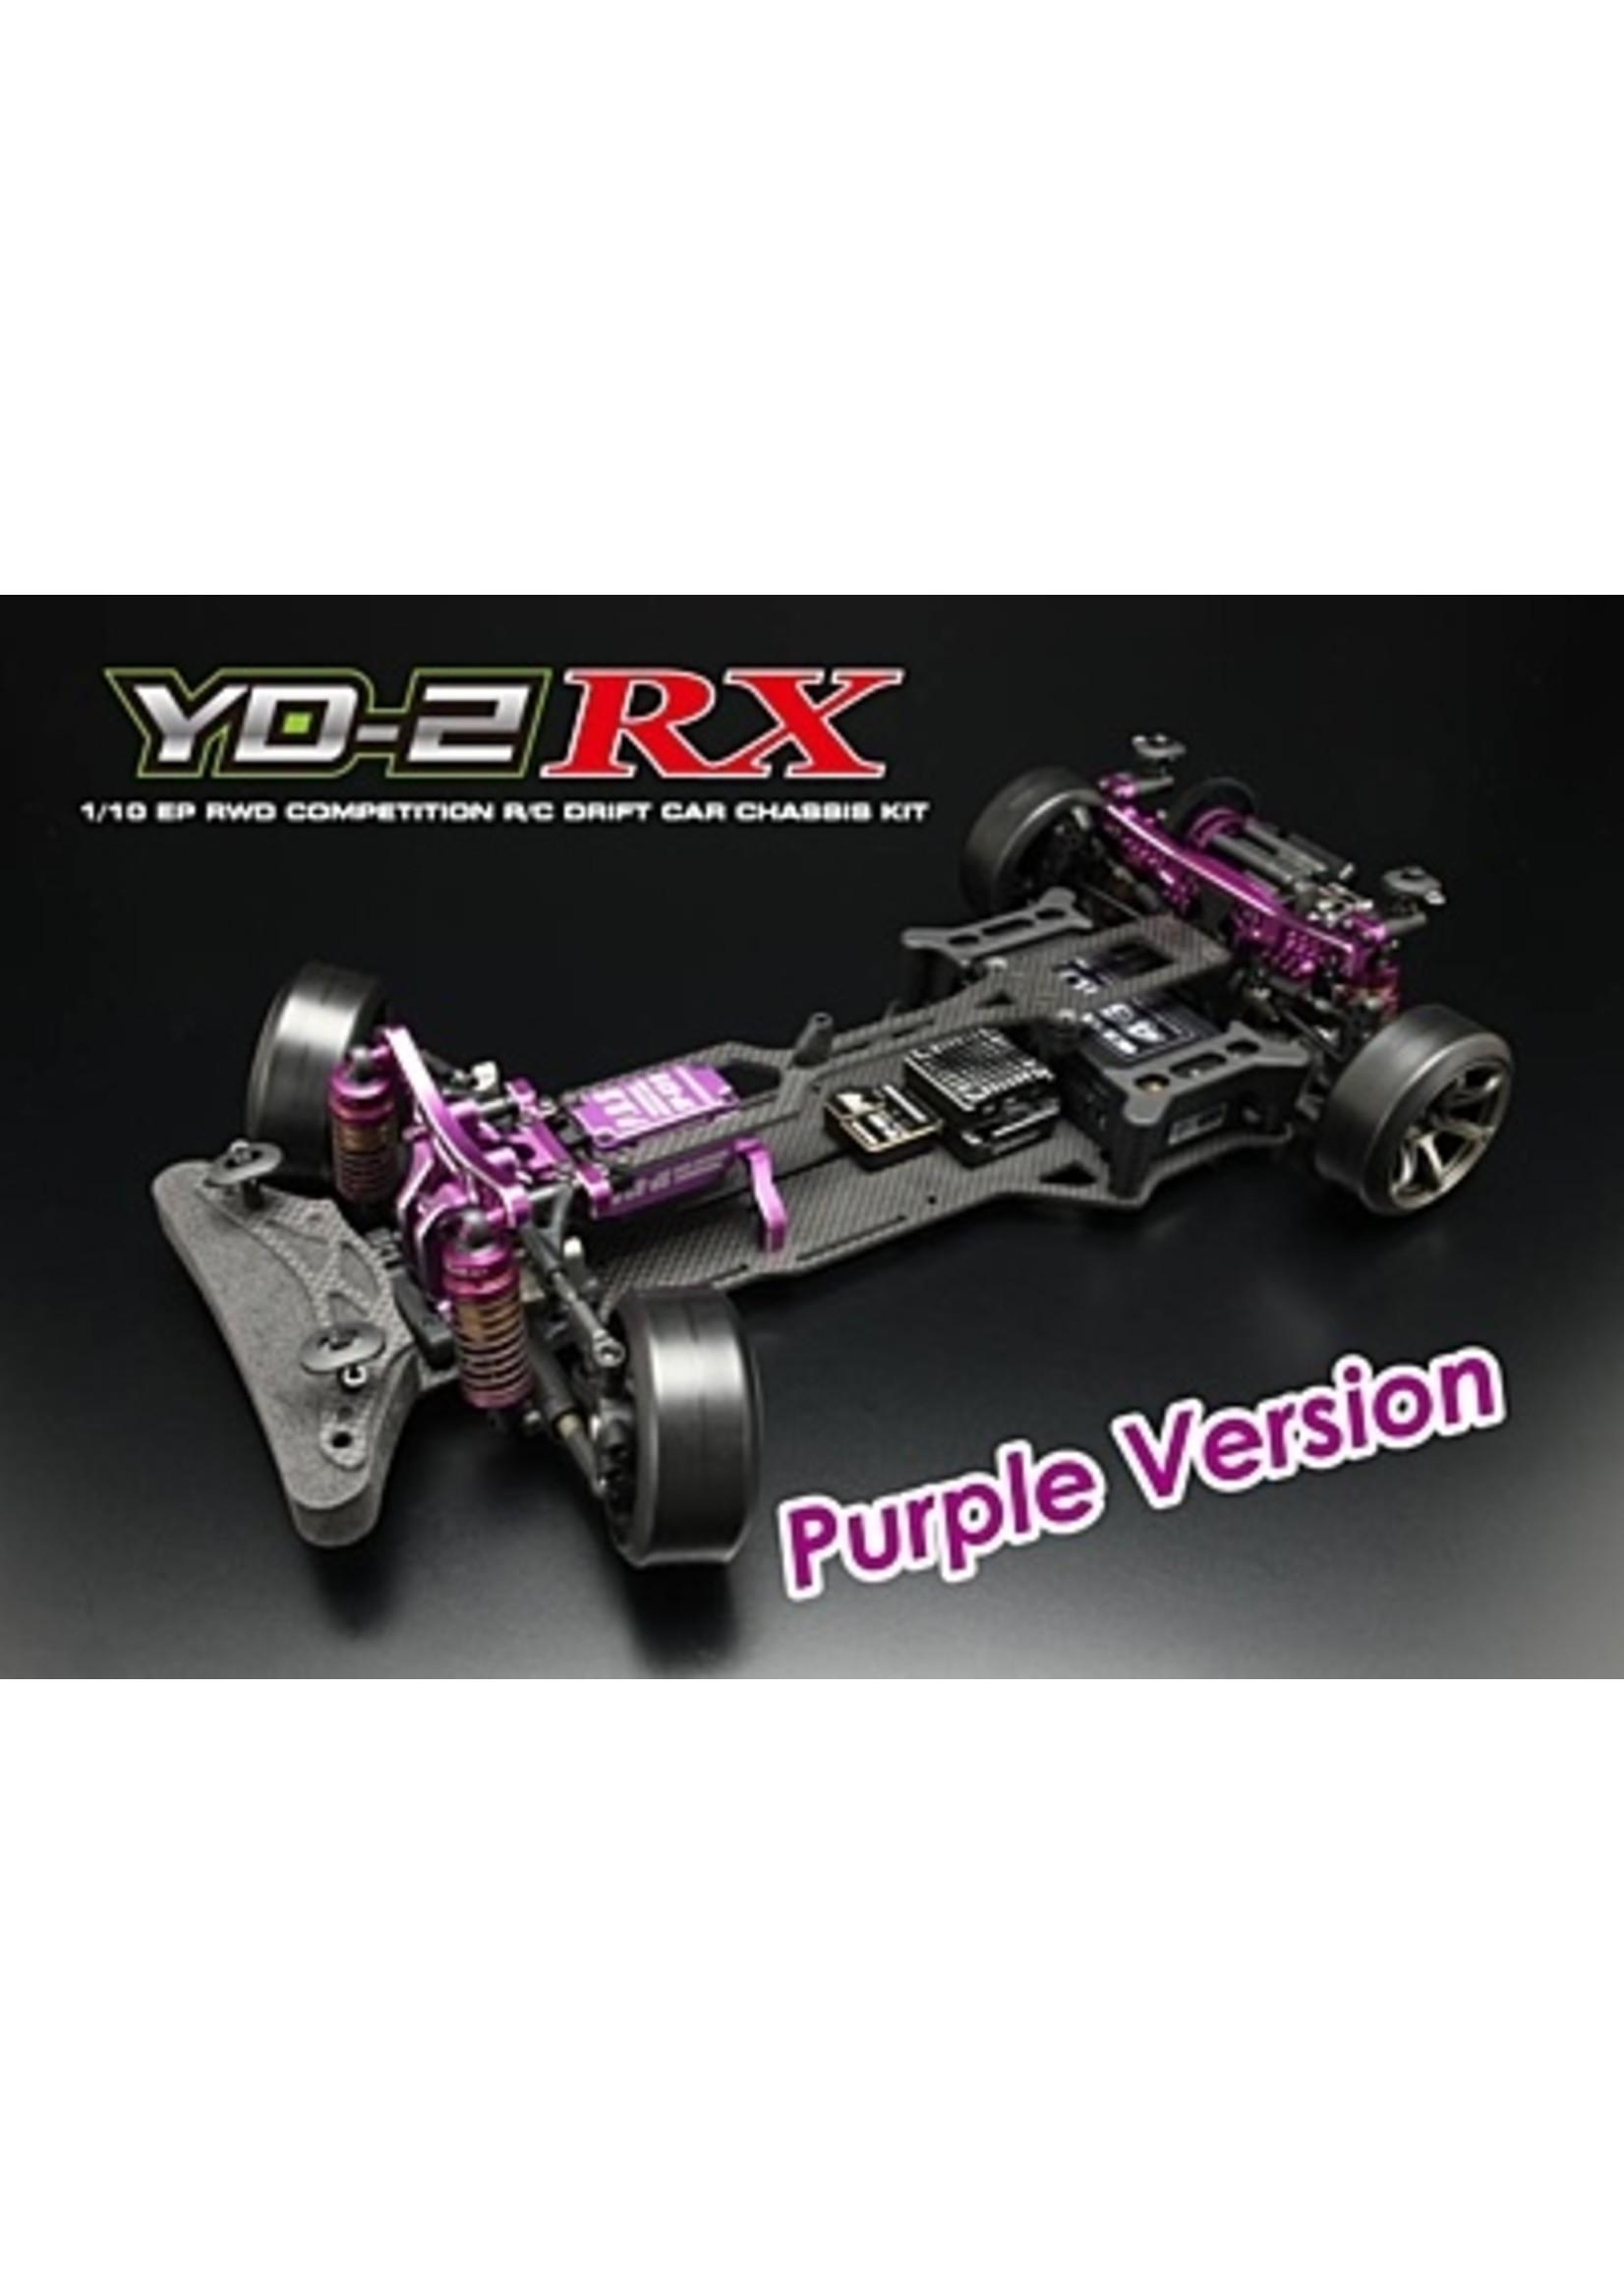 Yokomo Yokomo YD-2RX Purple Version RWD Drift Car Kit (Graphite Chassis) DP-YD2RXP